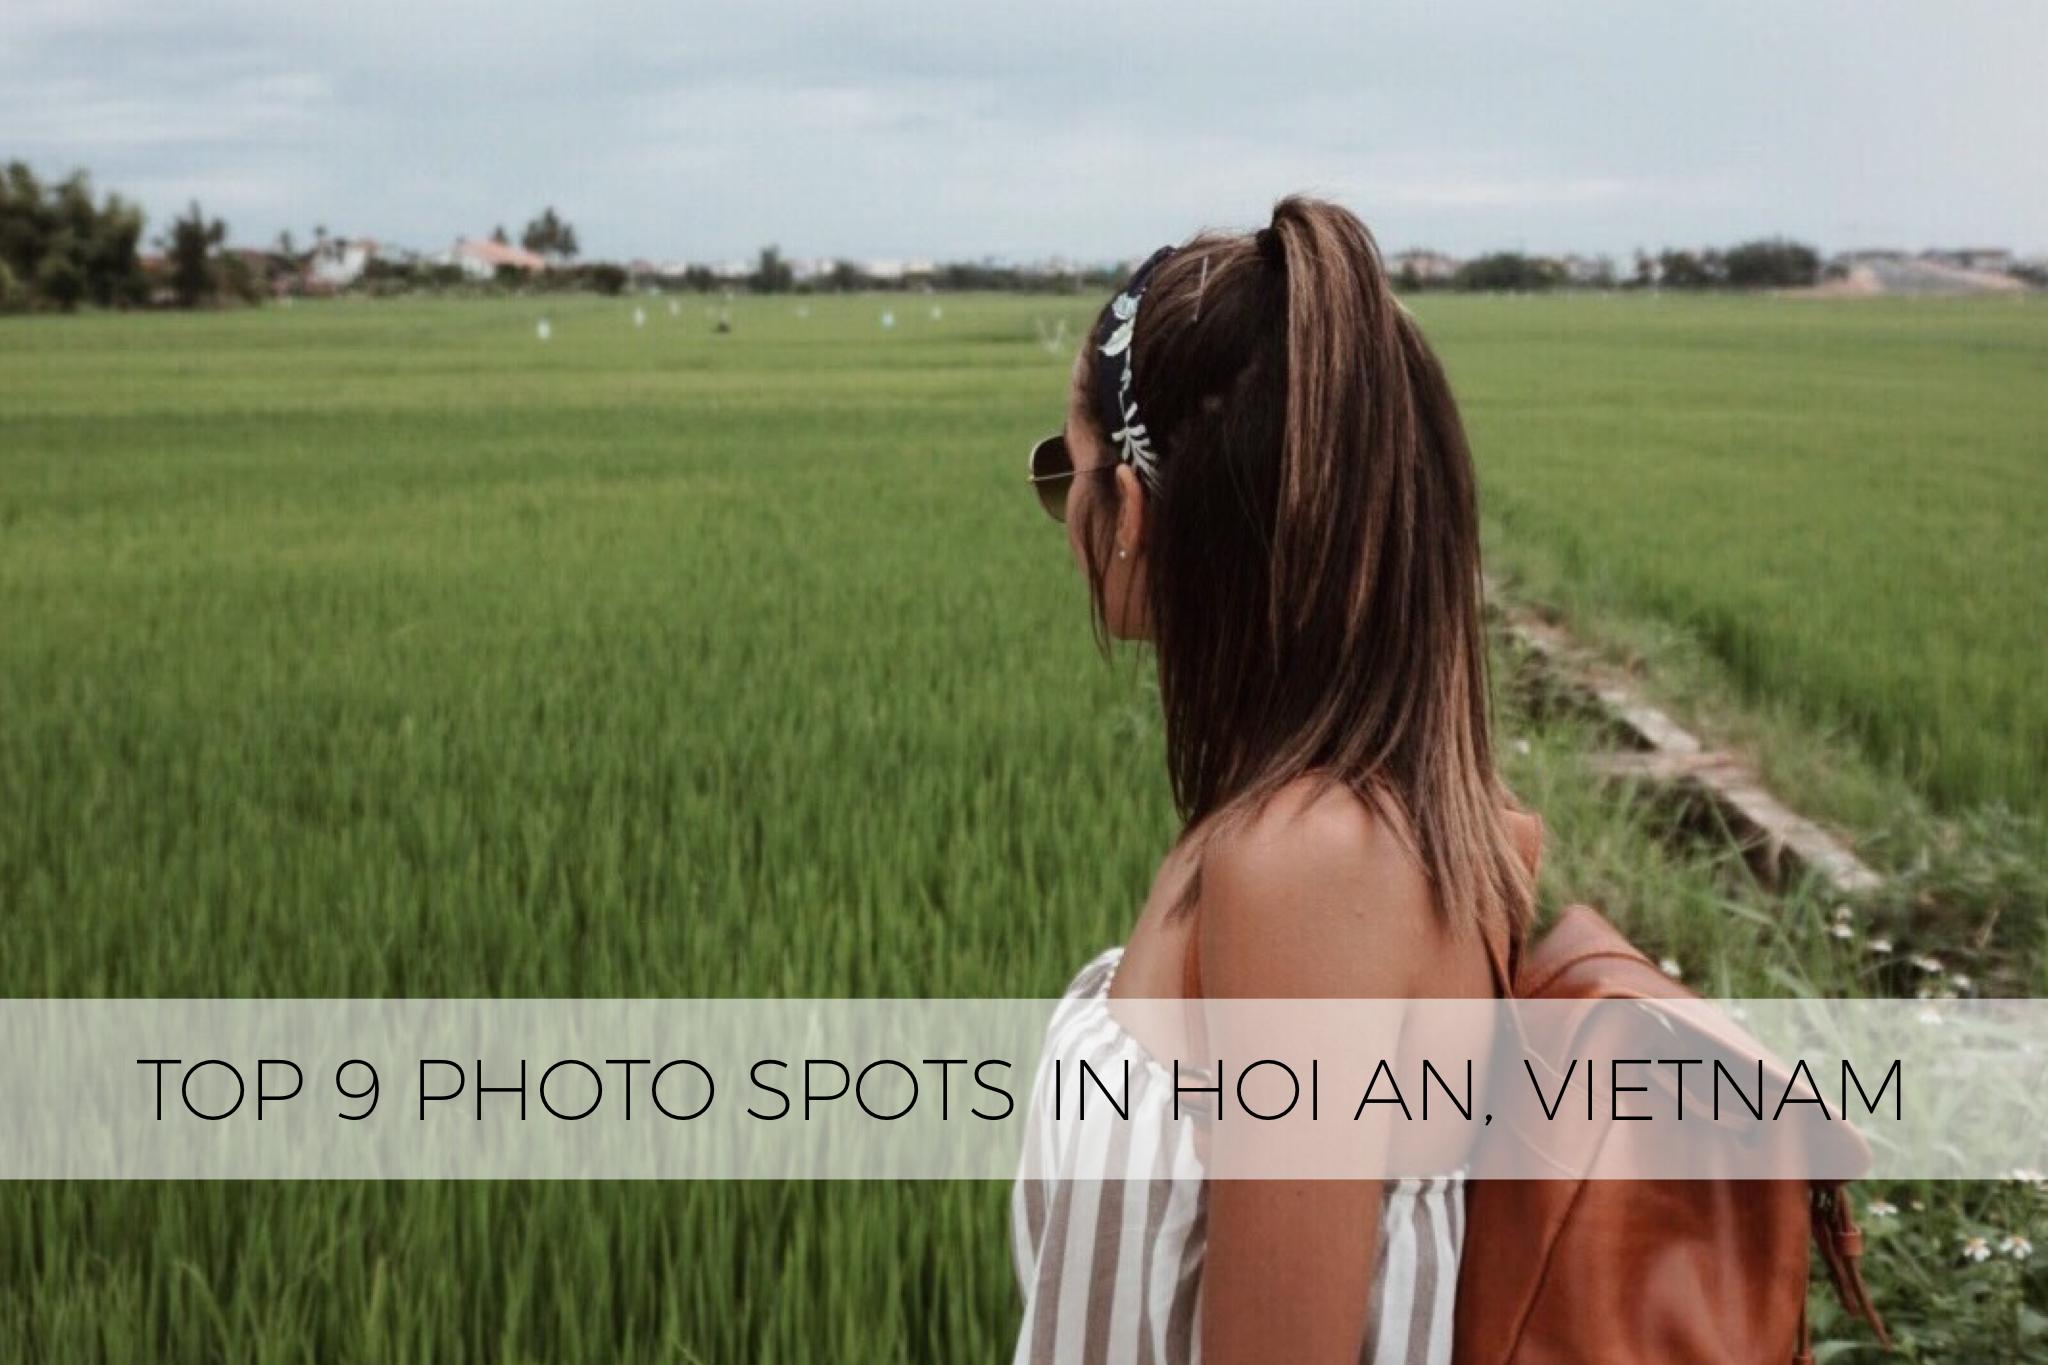 Top 9 Hoi An Photo Spots